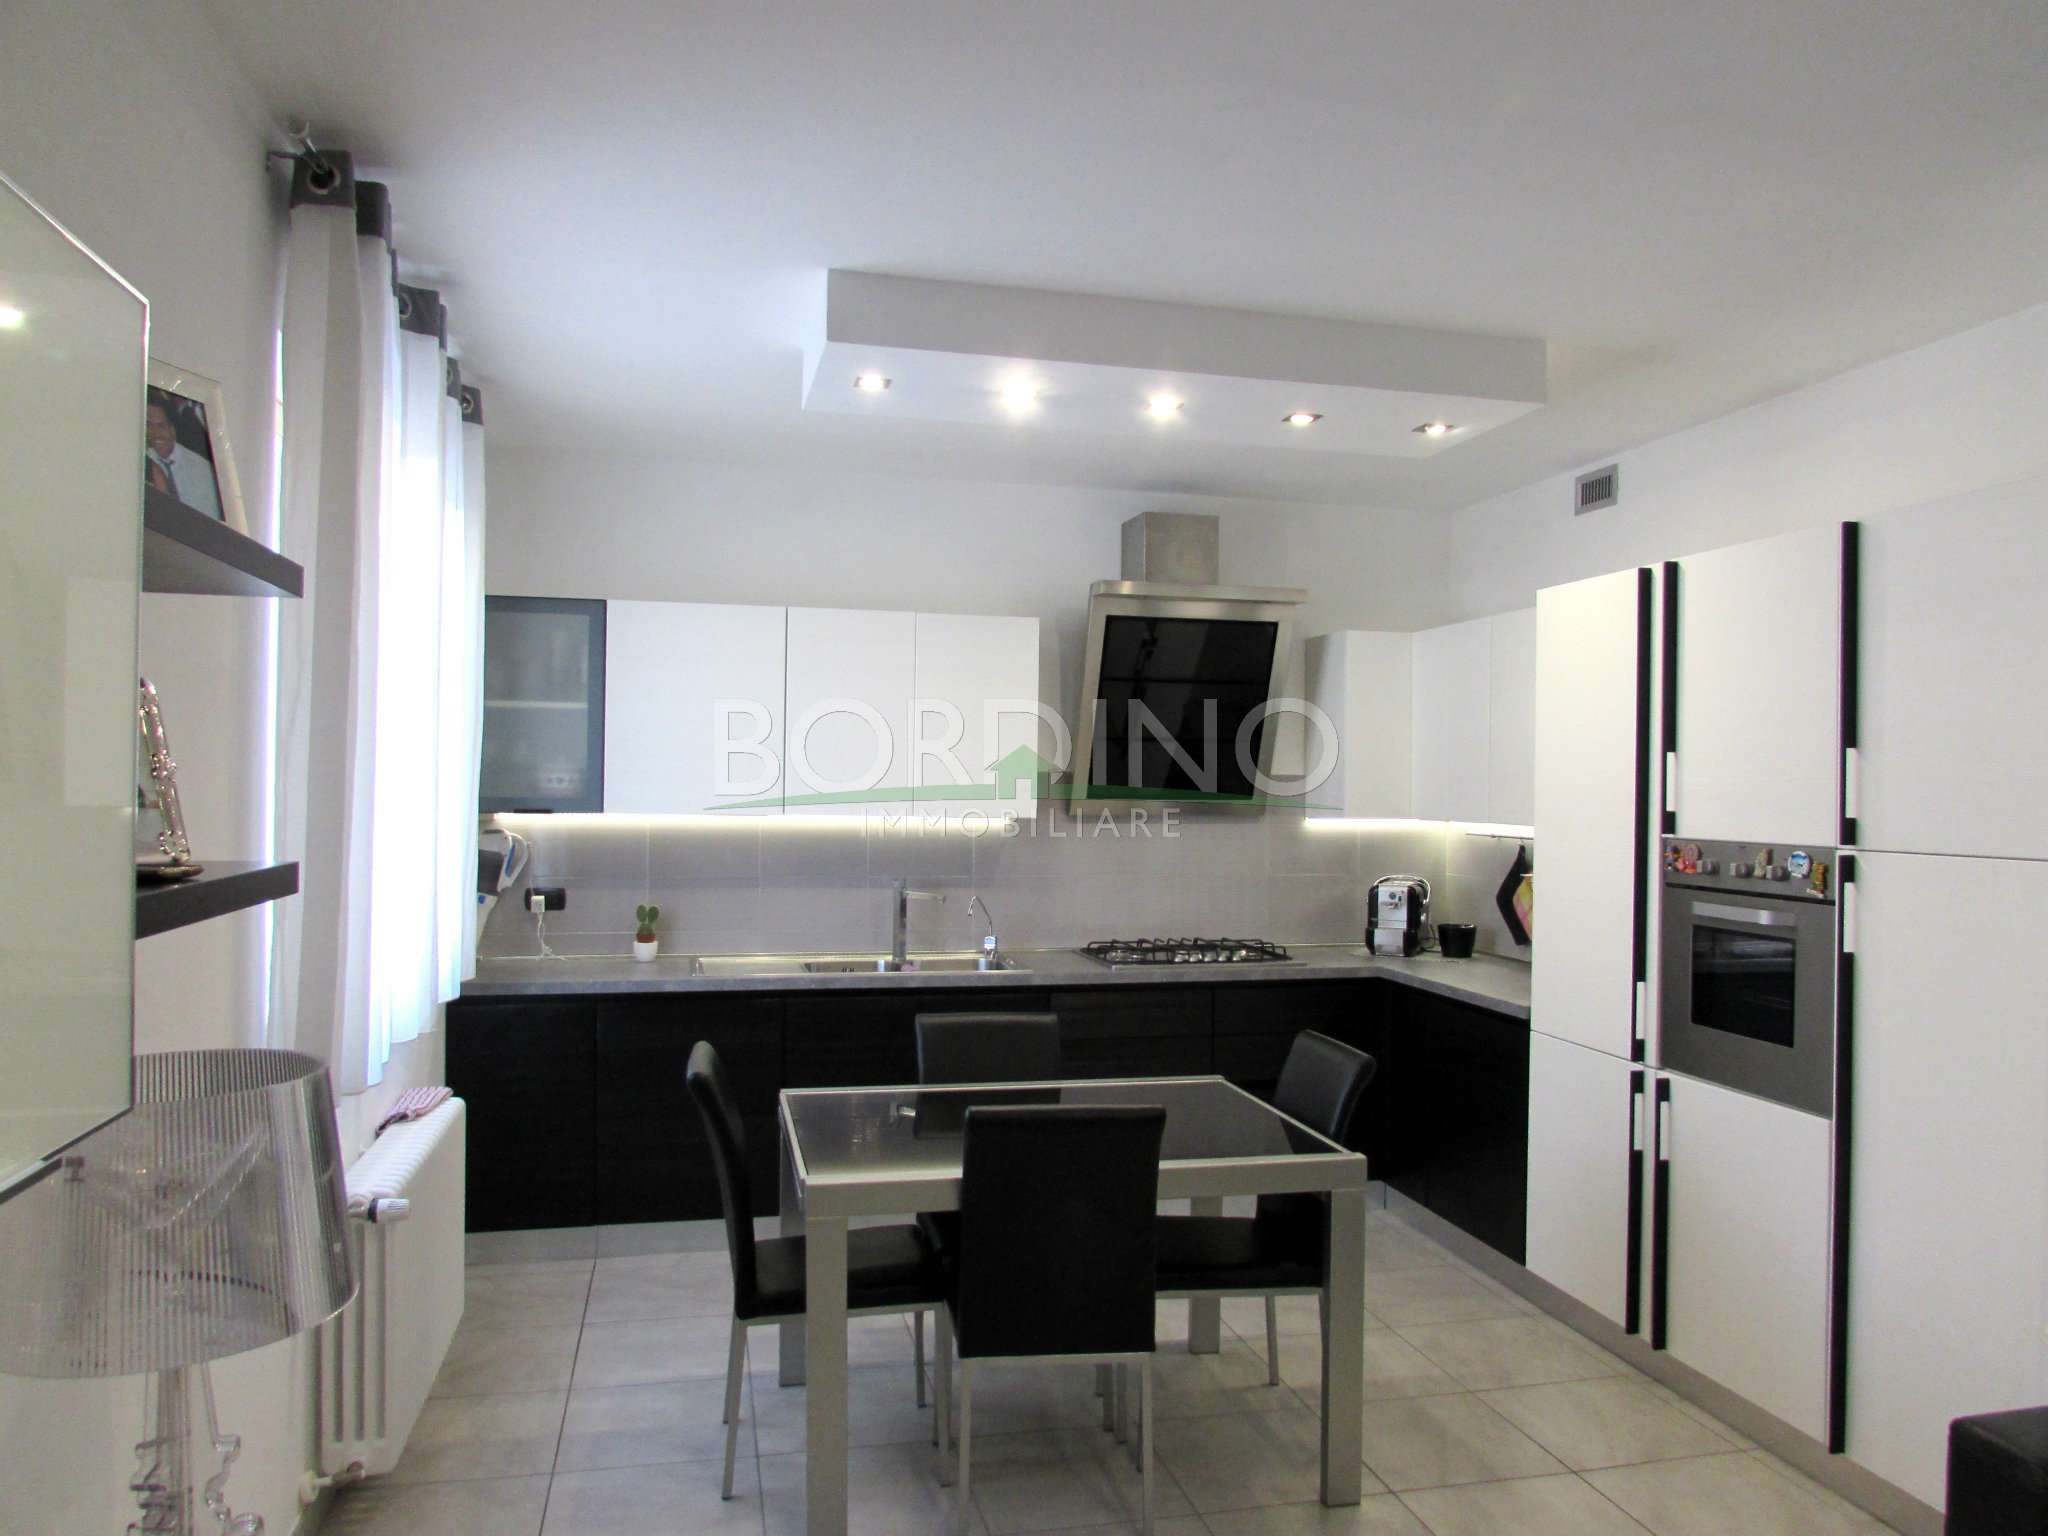 Appartamento in vendita a Govone, 5 locali, prezzo € 185.000   CambioCasa.it